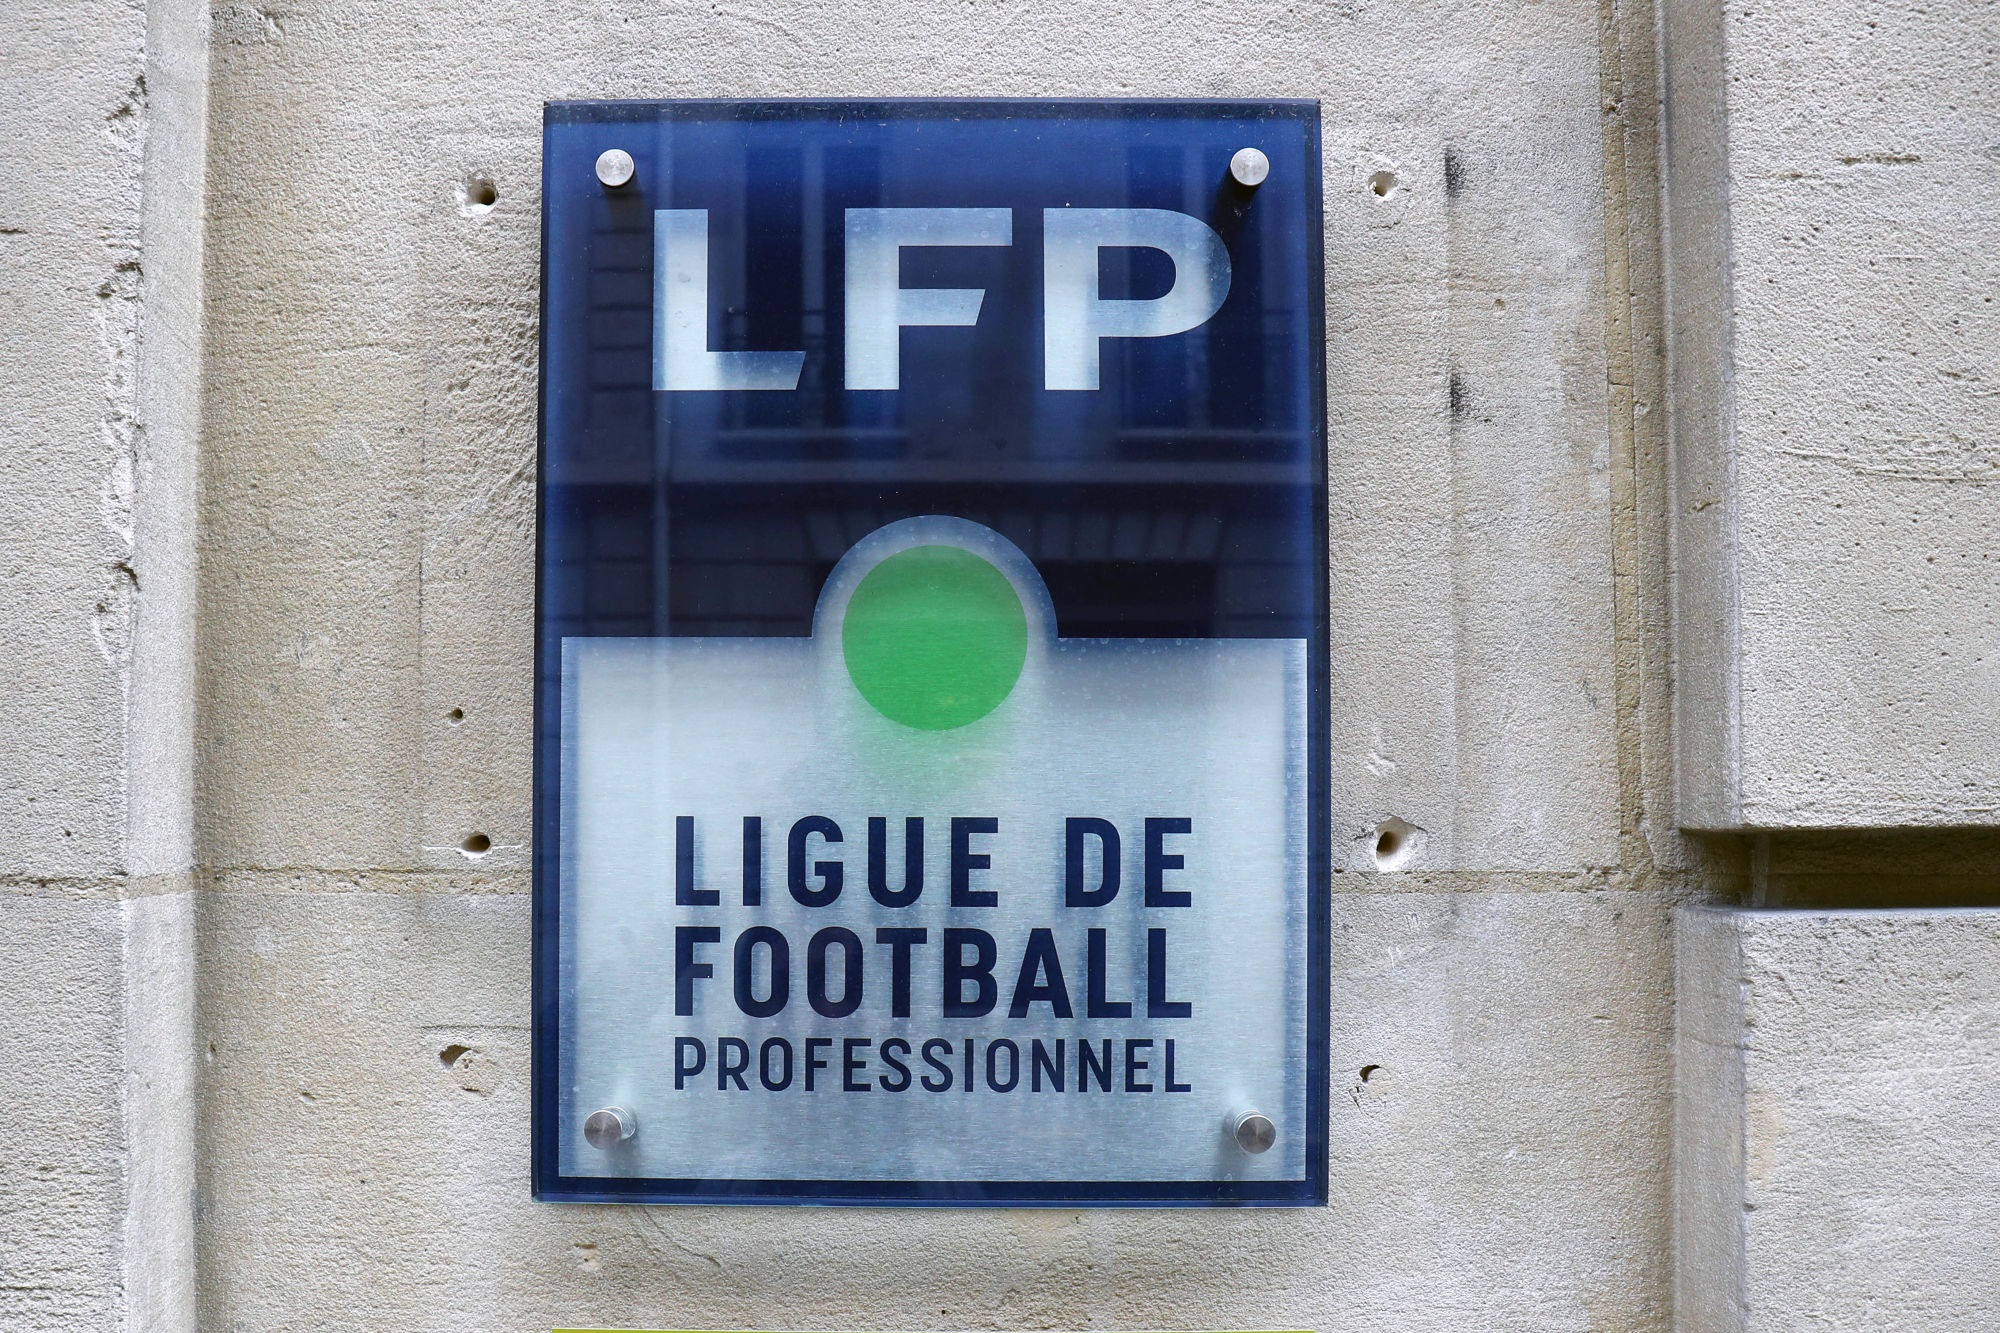 Officiel - Les suspensions et mises en instruction après PSG/OM annoncées par la LFP